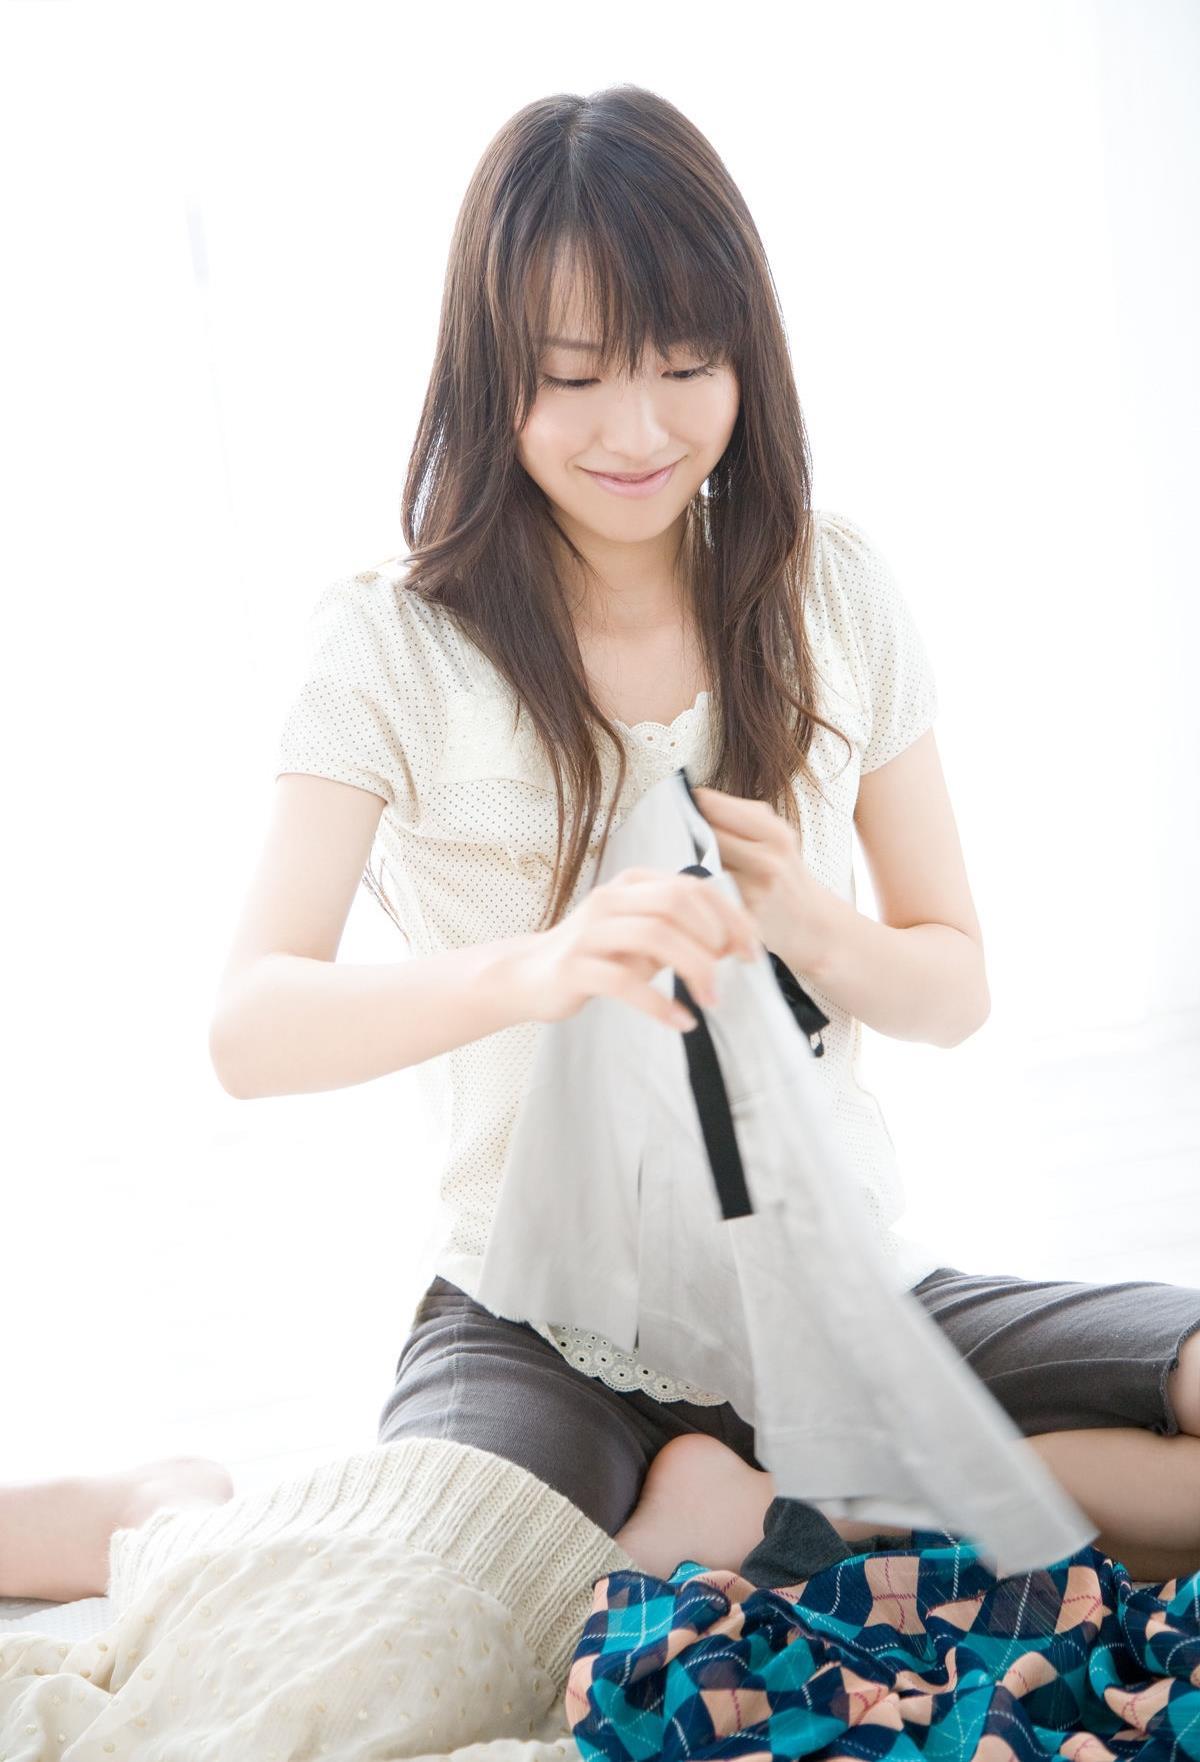 戸田恵梨香 画像 45